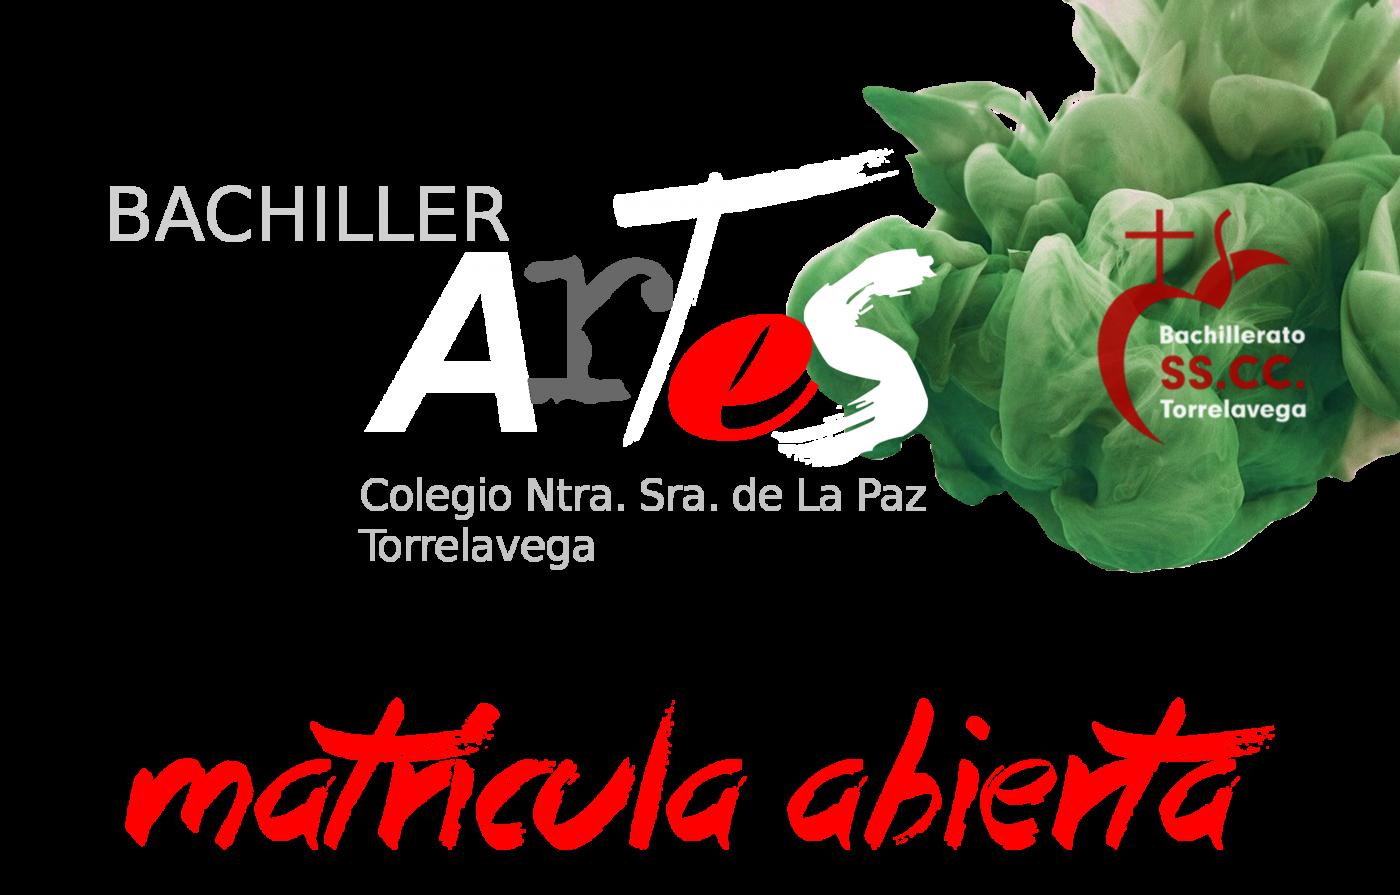 Bachillerato Artes